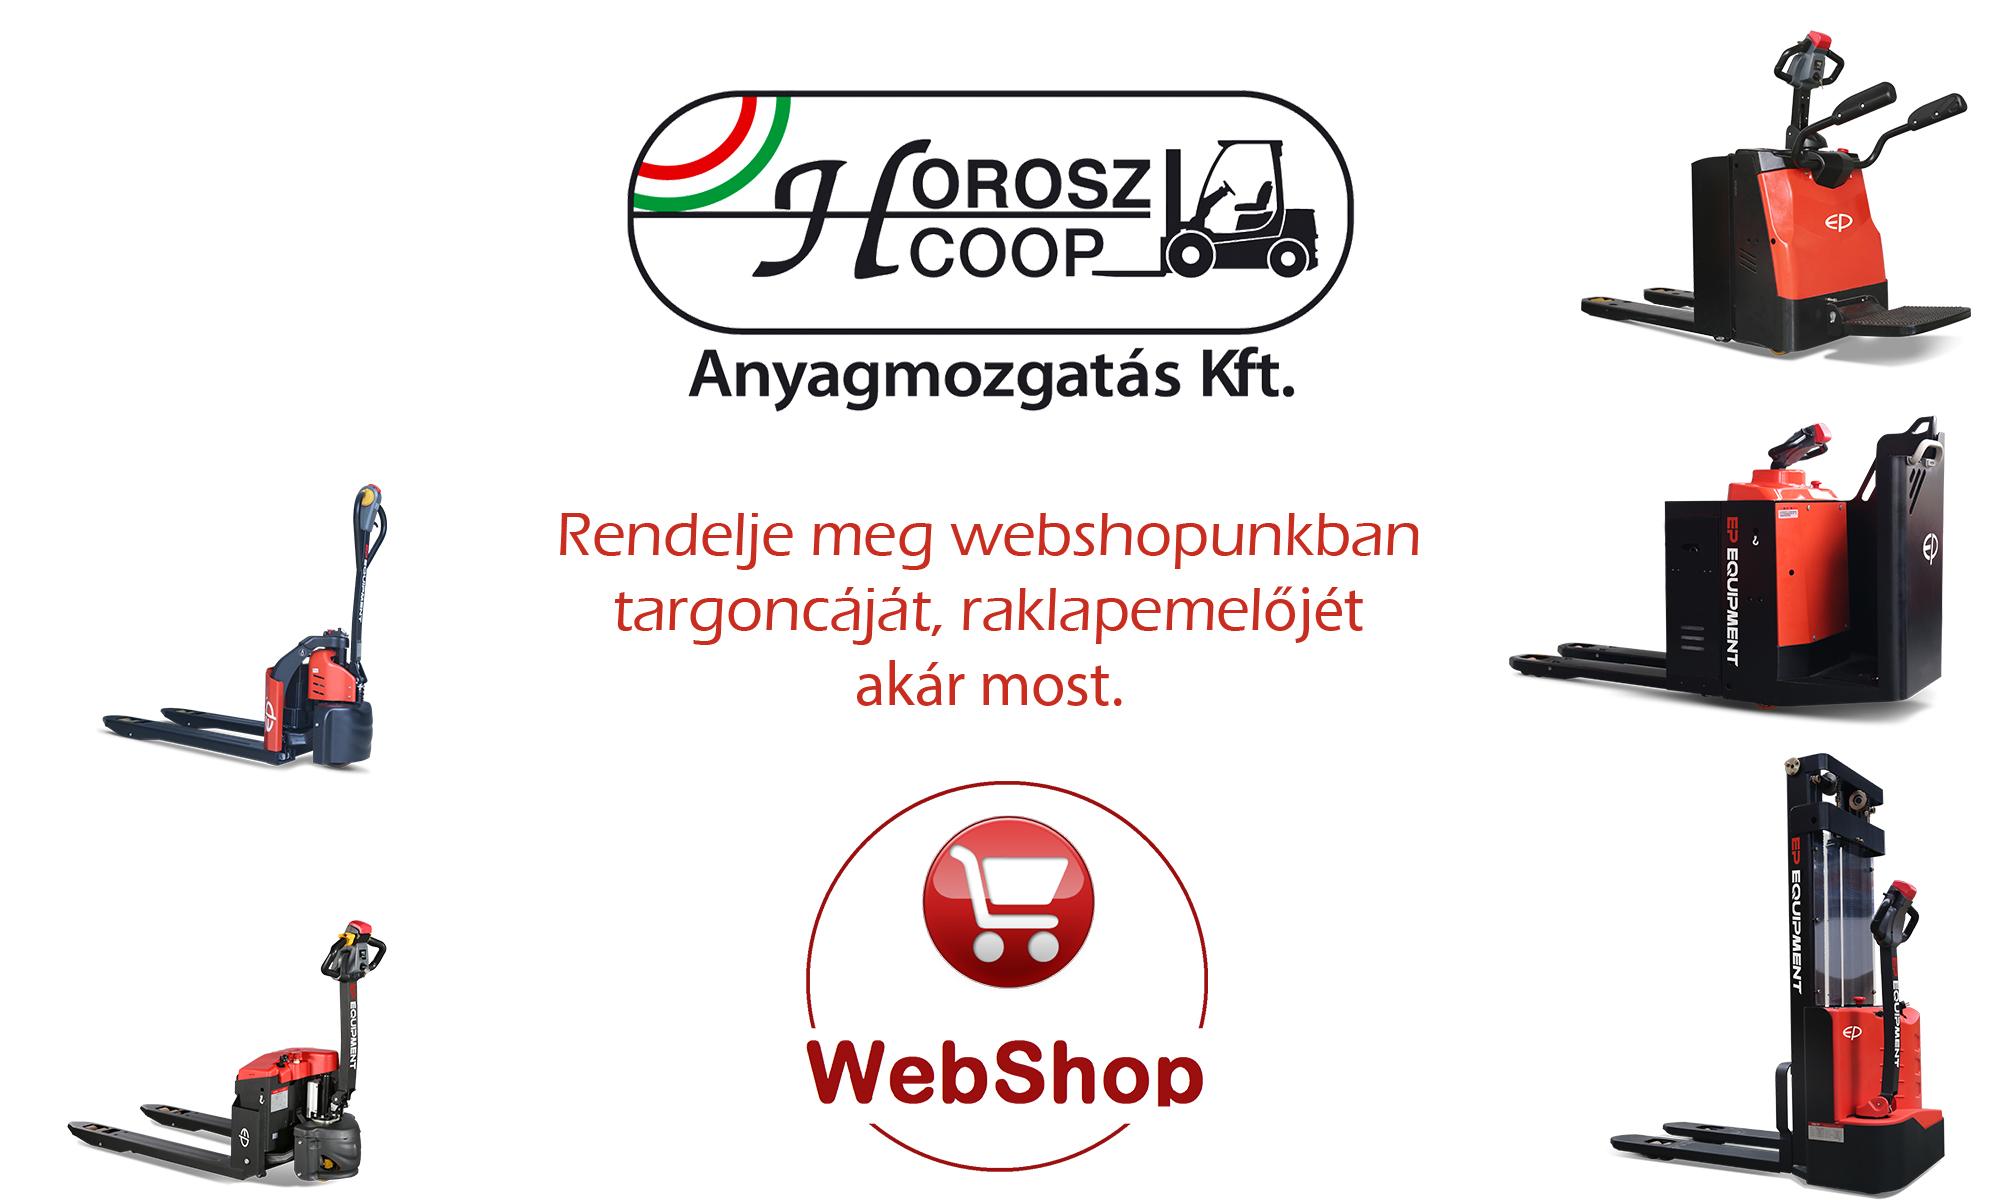 Raklapemelő webshop